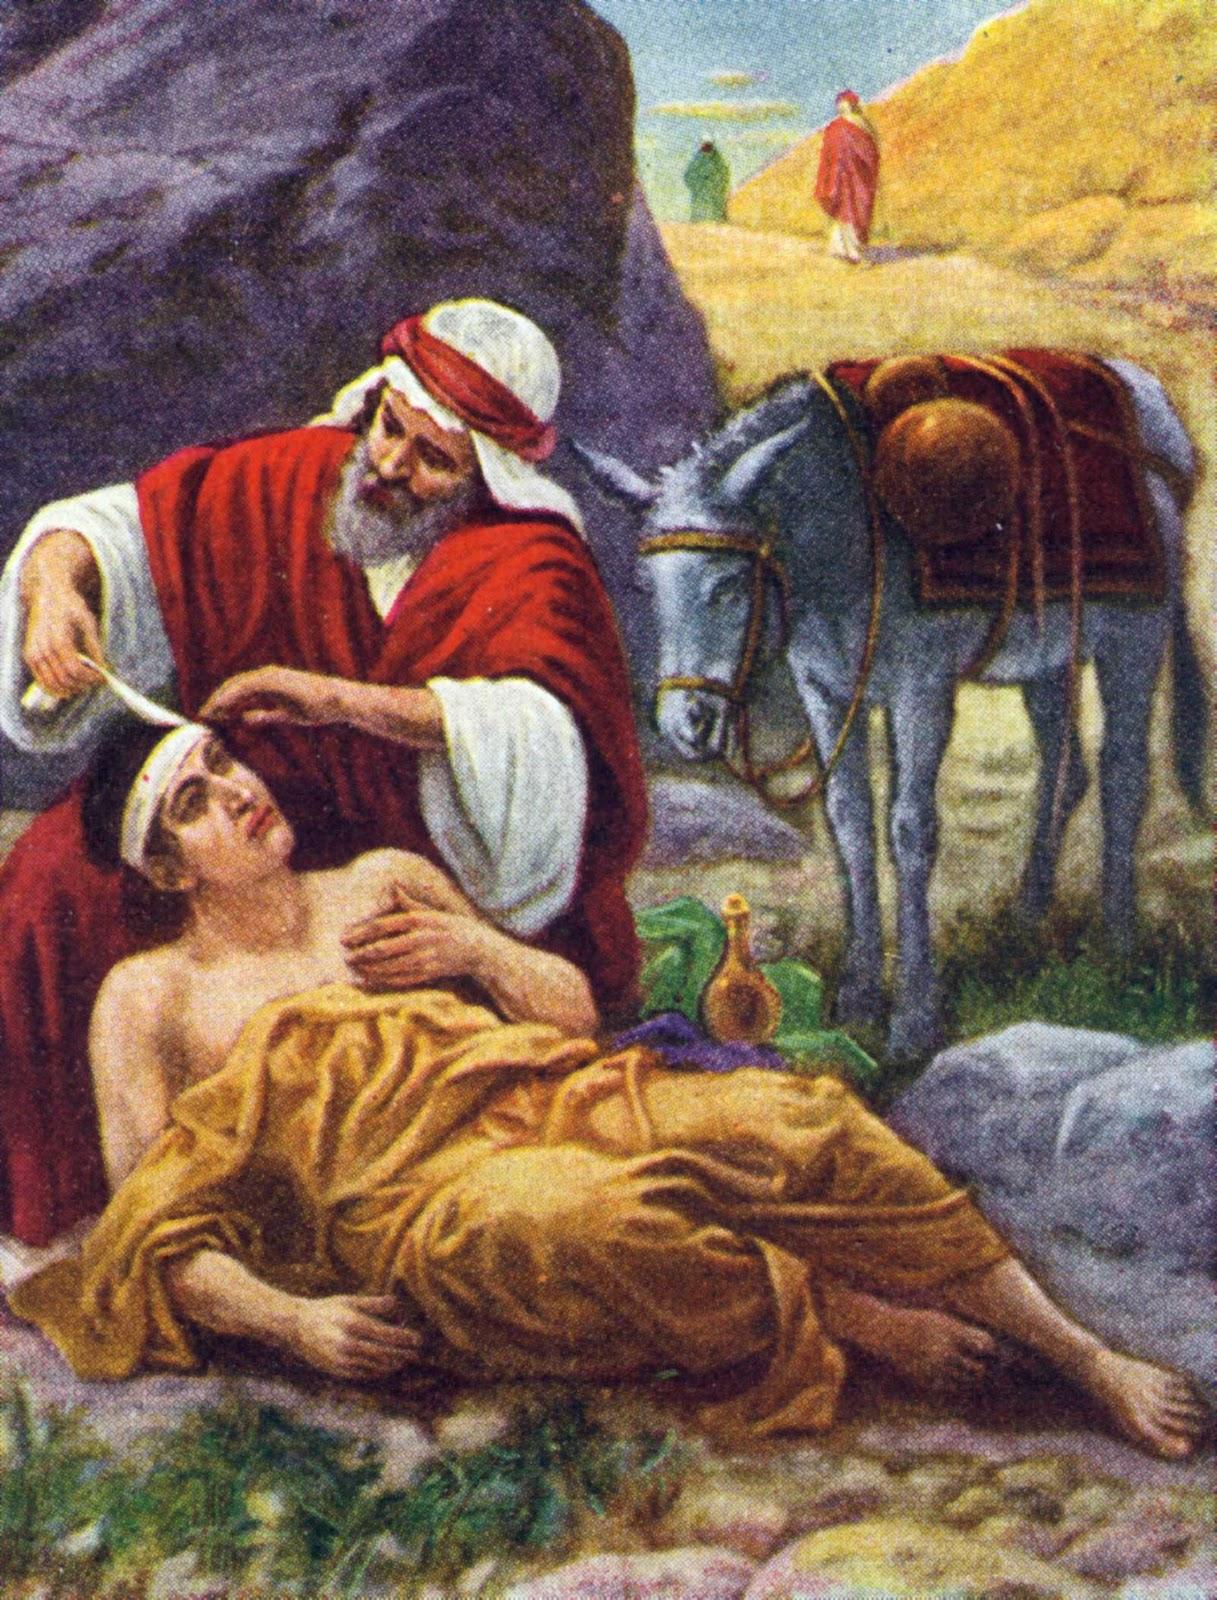 Kuvahaun tulos haulle parable of good samaritan